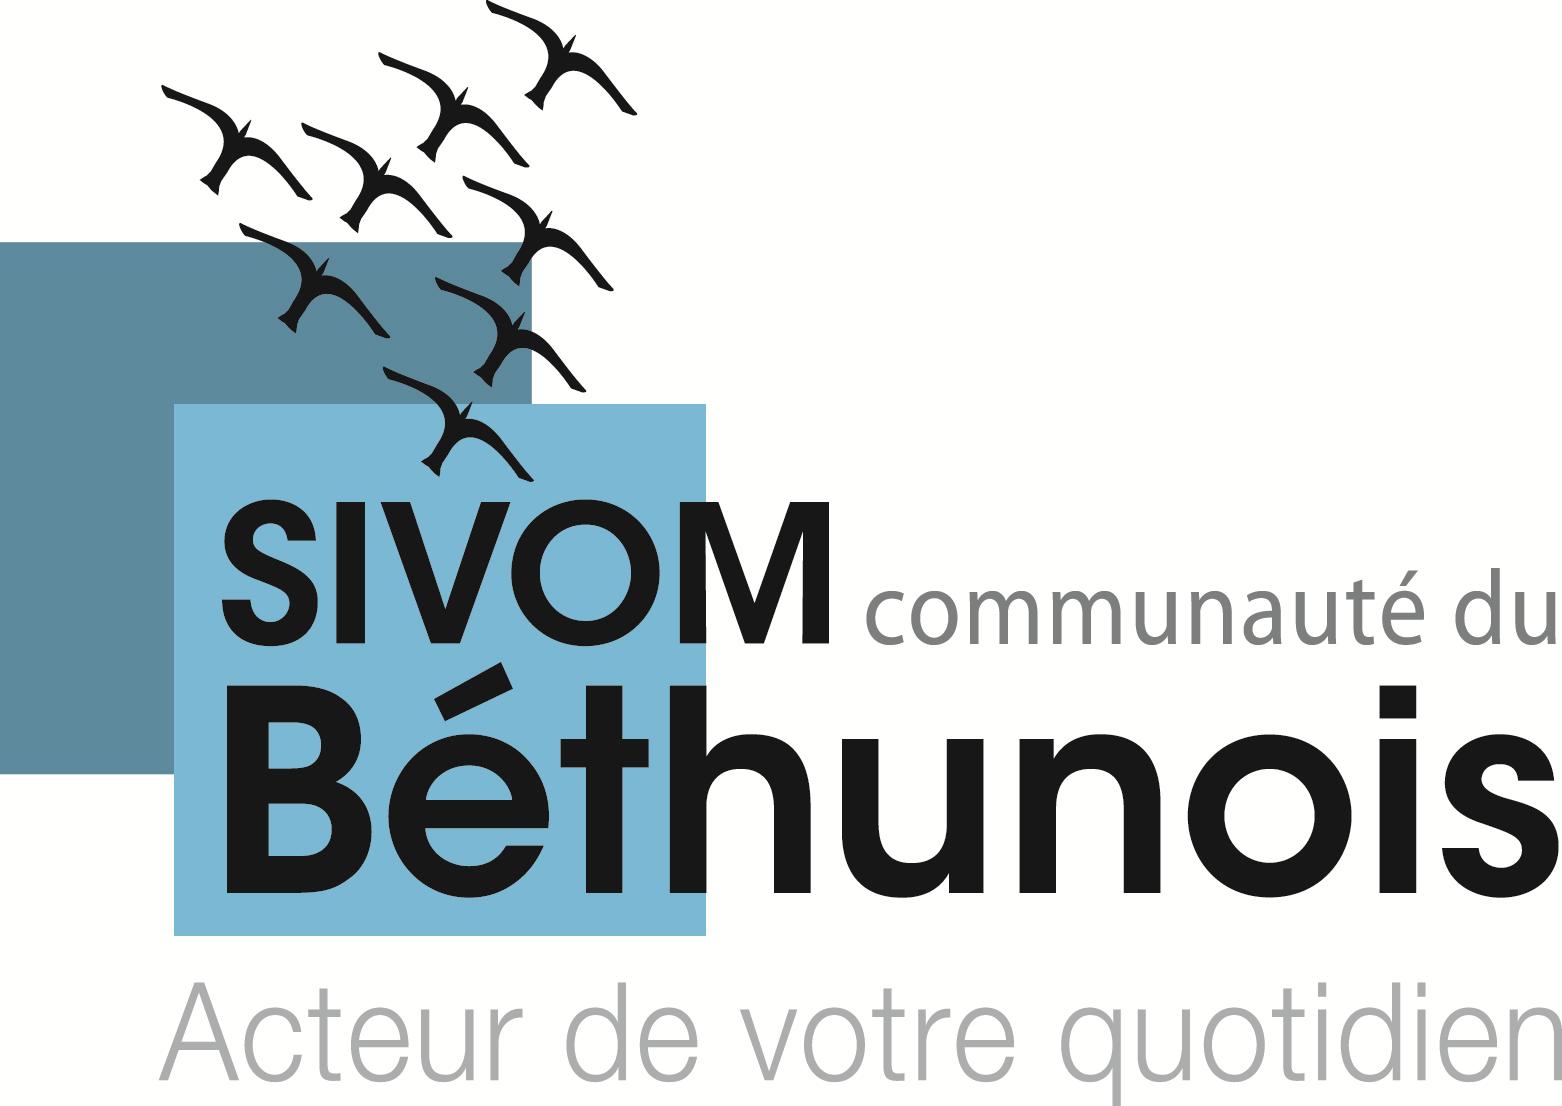 SIVOM Béthunois